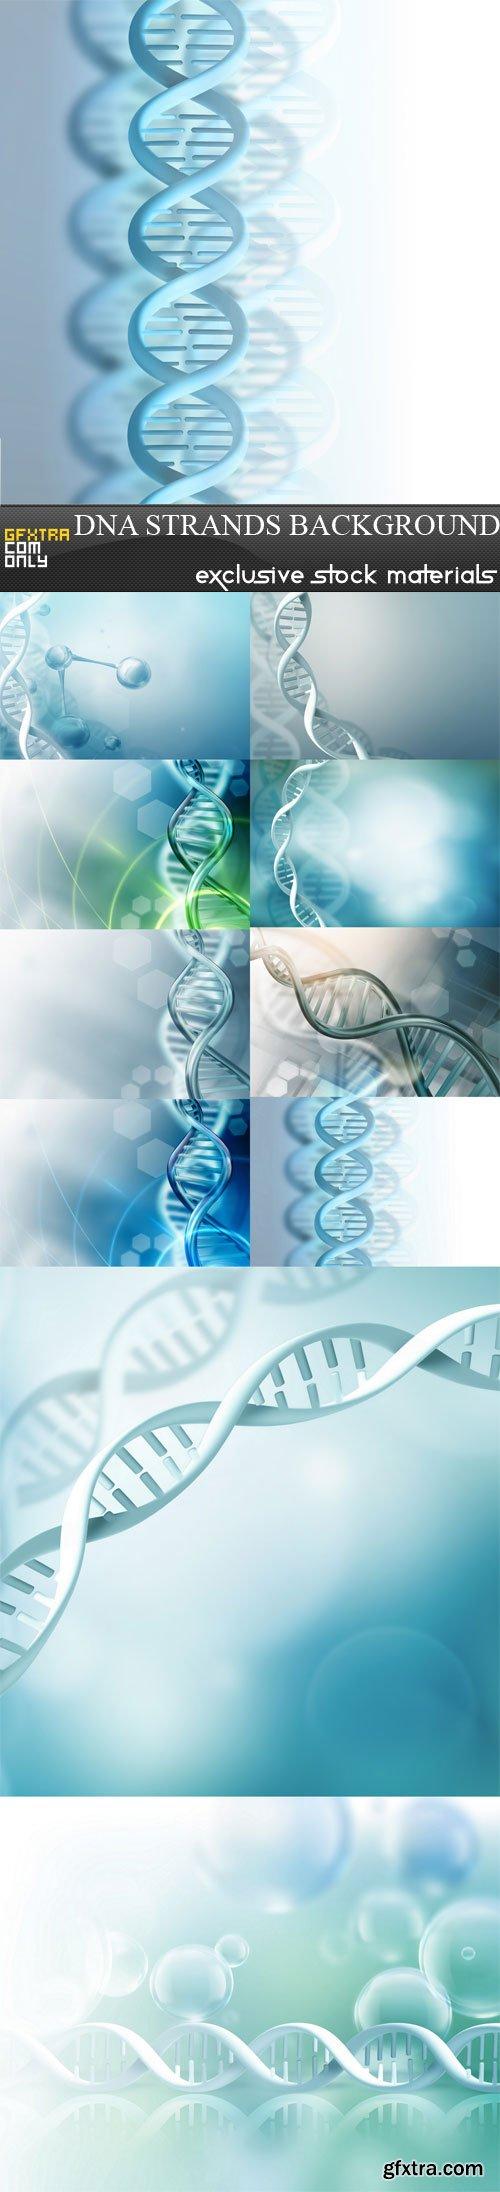 DNA strands background, 10 UHQ JPEG